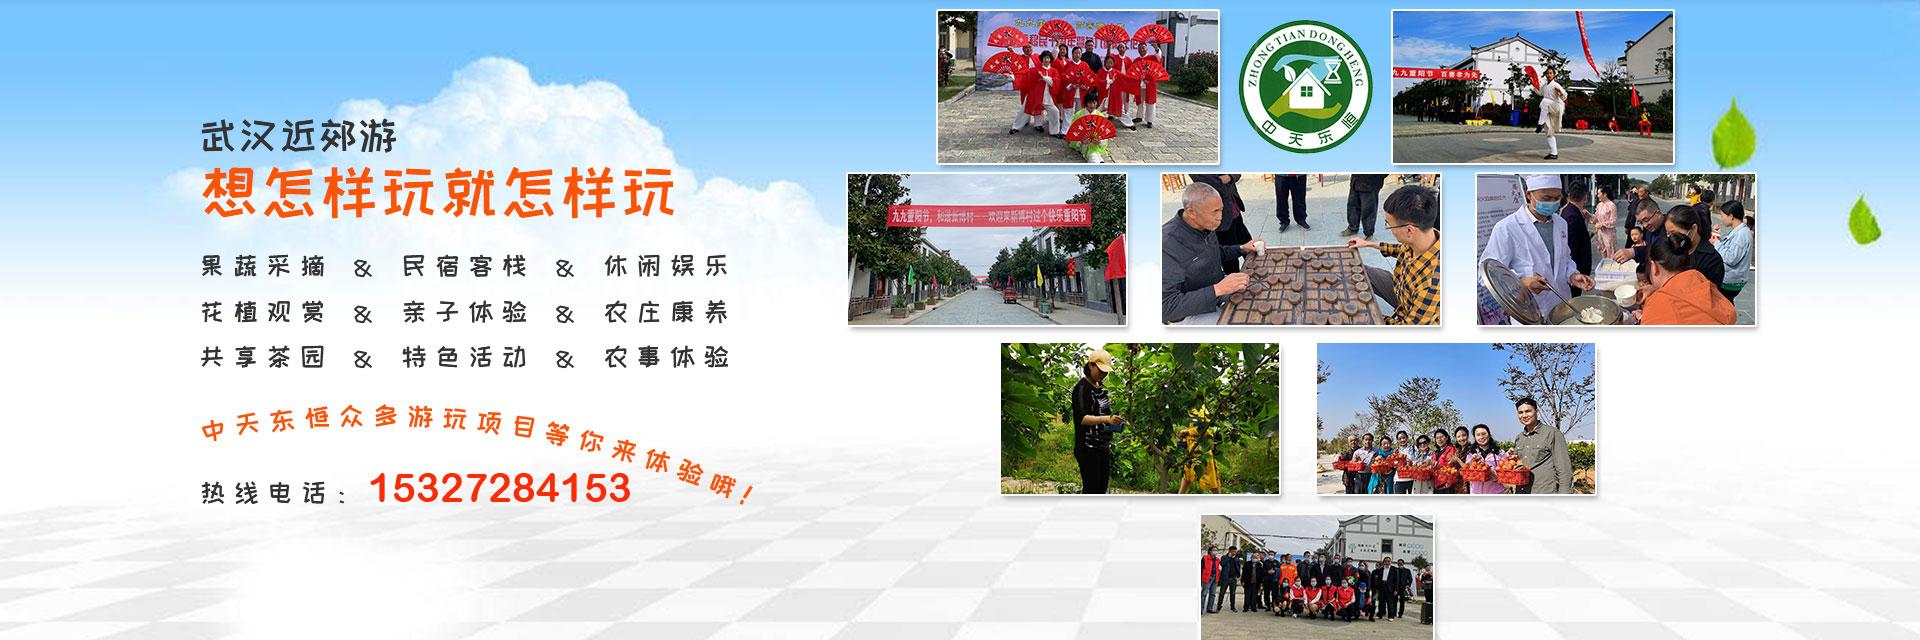 武汉水果采摘基地,武汉度假村基地,武汉周边游